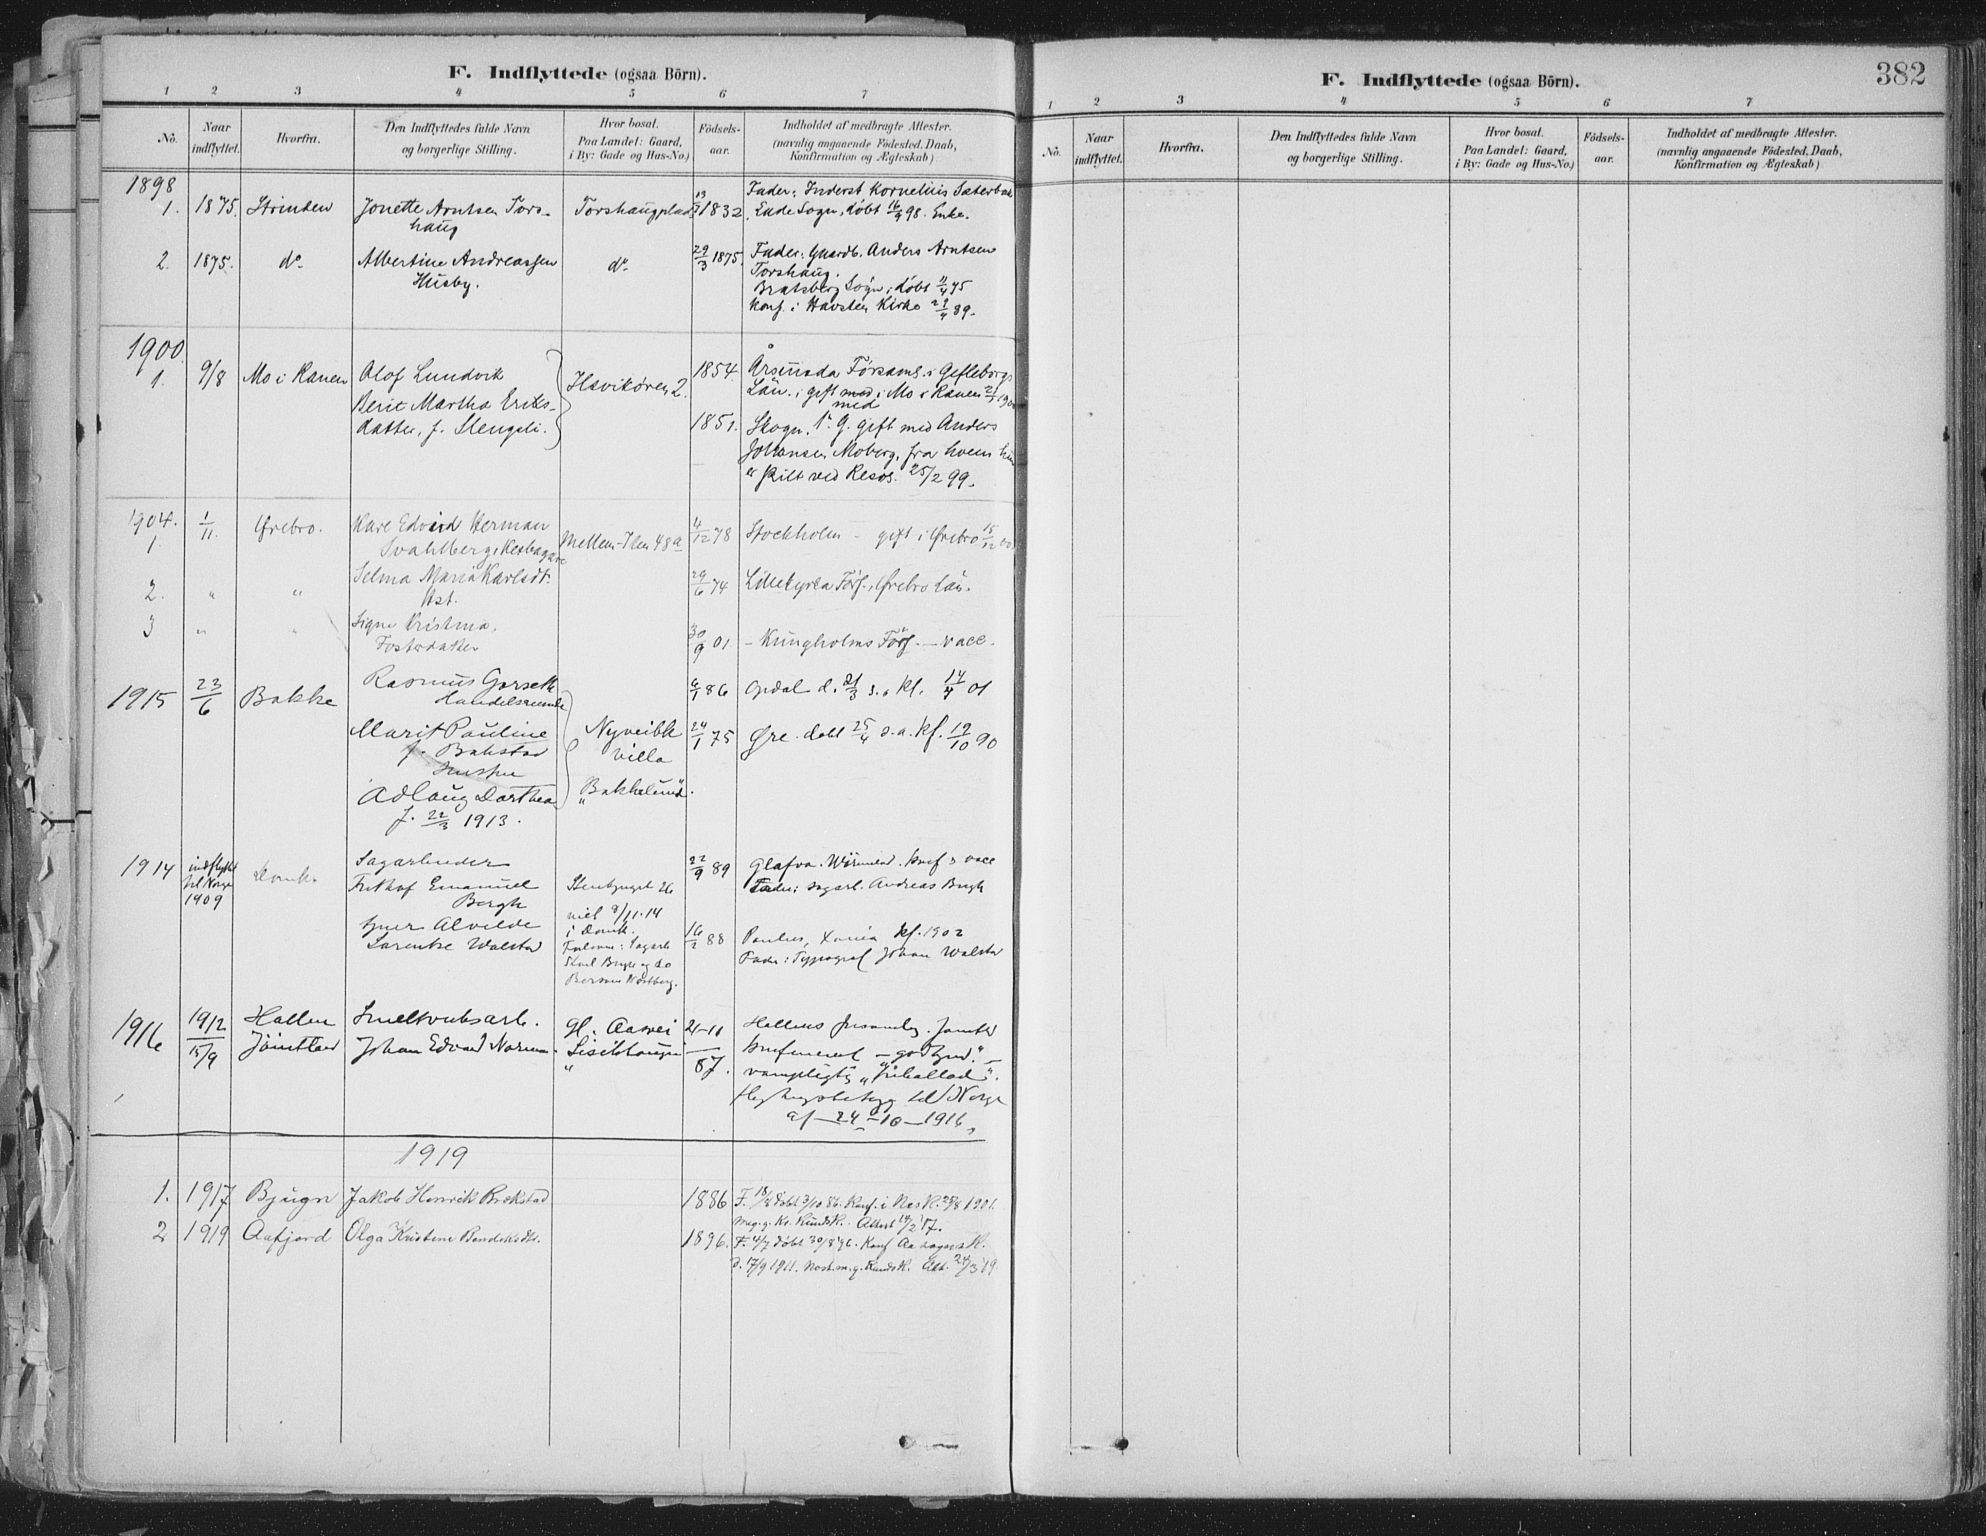 SAT, Ministerialprotokoller, klokkerbøker og fødselsregistre - Sør-Trøndelag, 603/L0167: Ministerialbok nr. 603A06, 1896-1932, s. 382